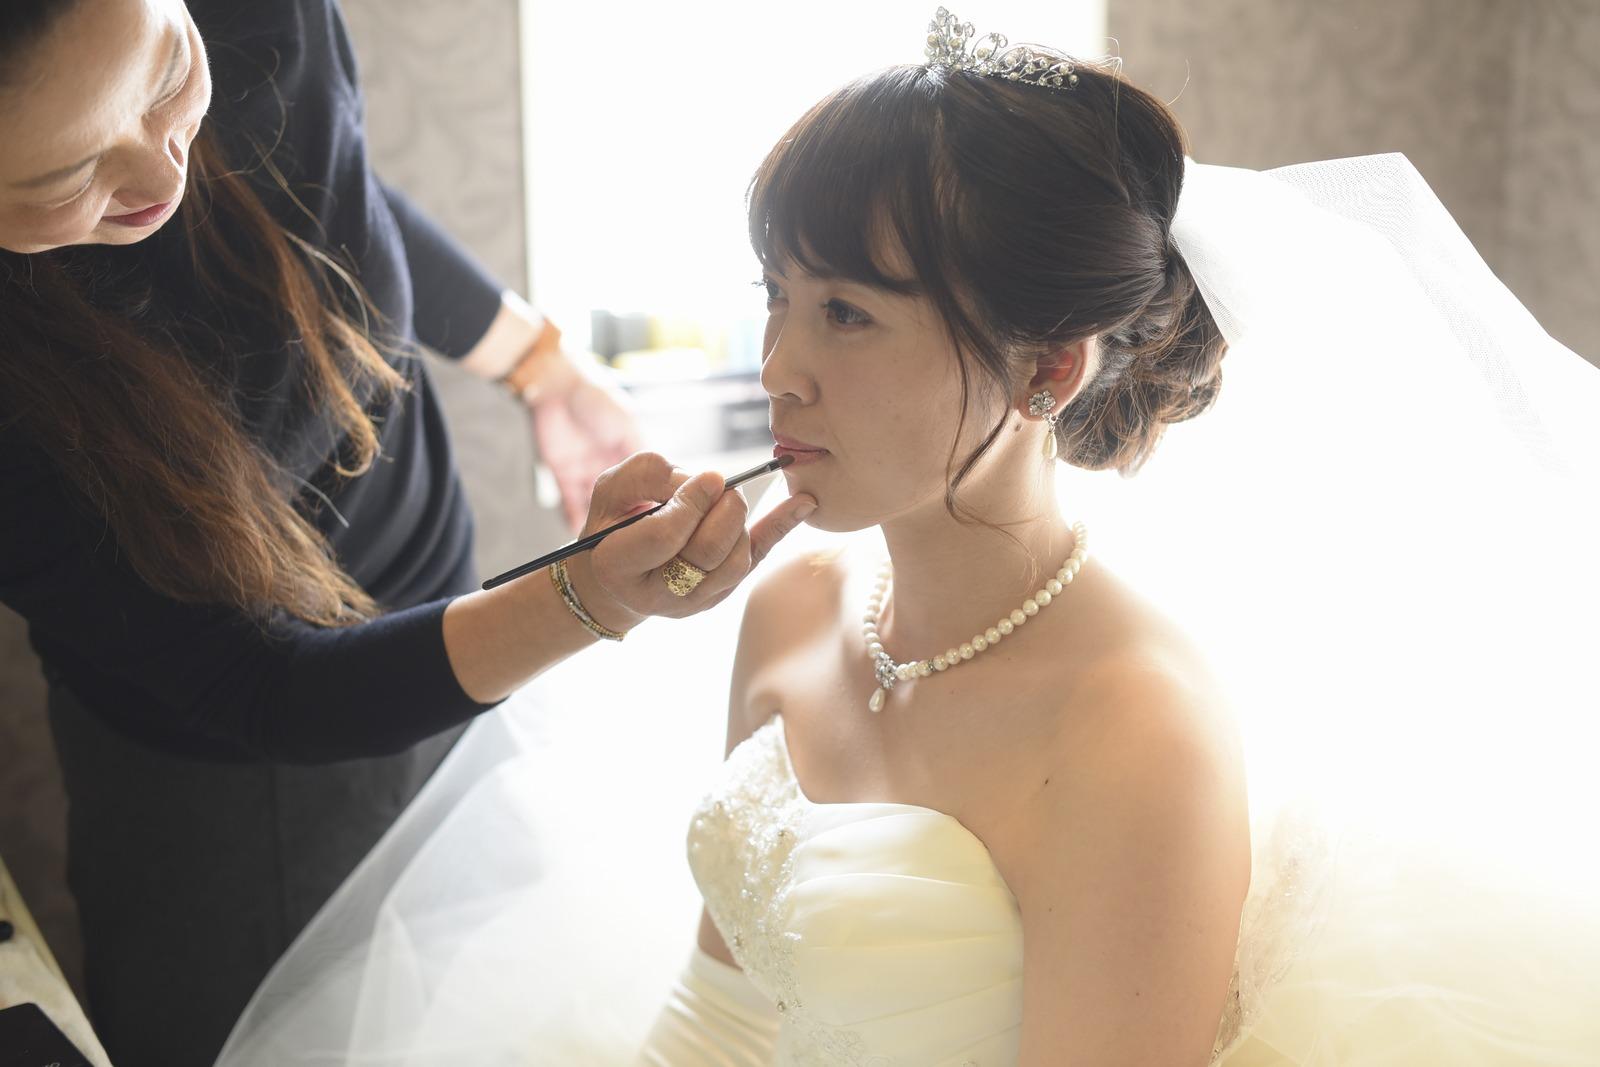 徳島市の結婚式場ブランアンジュで控室でメイクしている新婦様